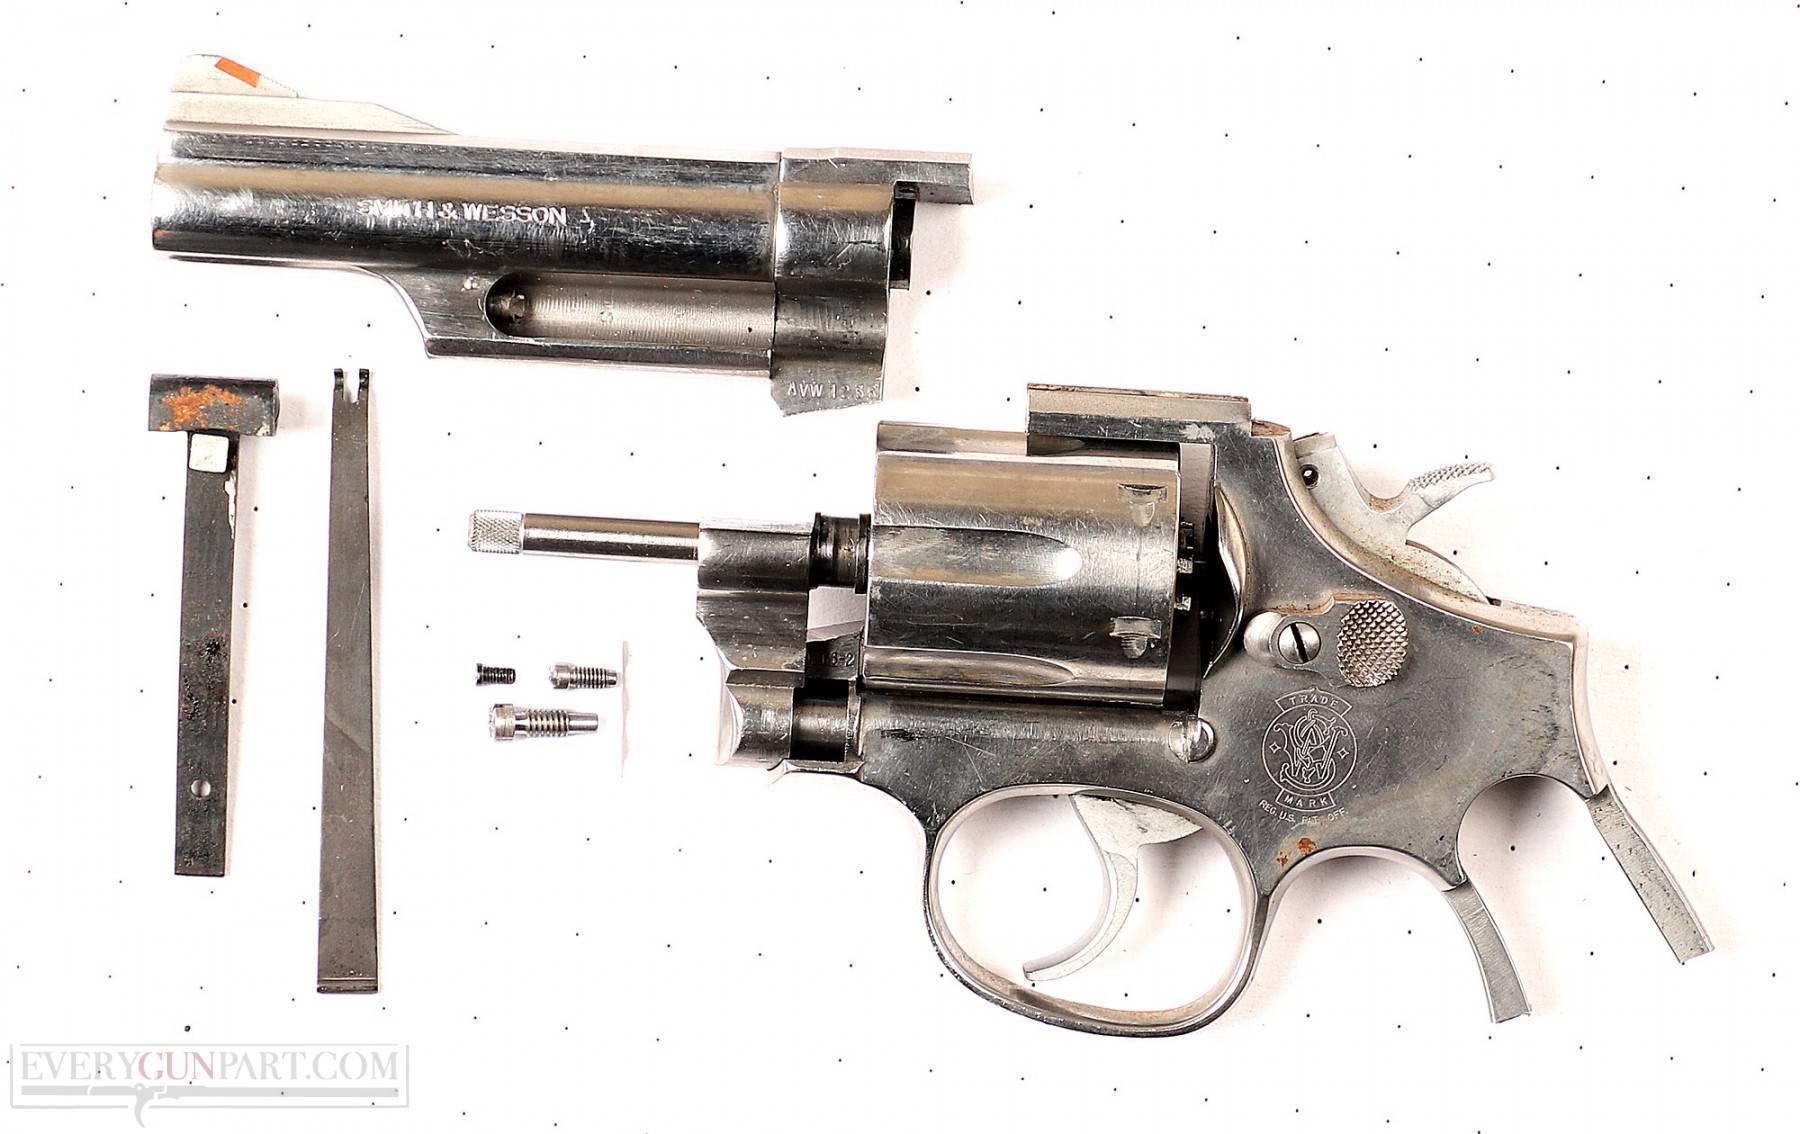 Револьвер Smith & Wesson Model 66